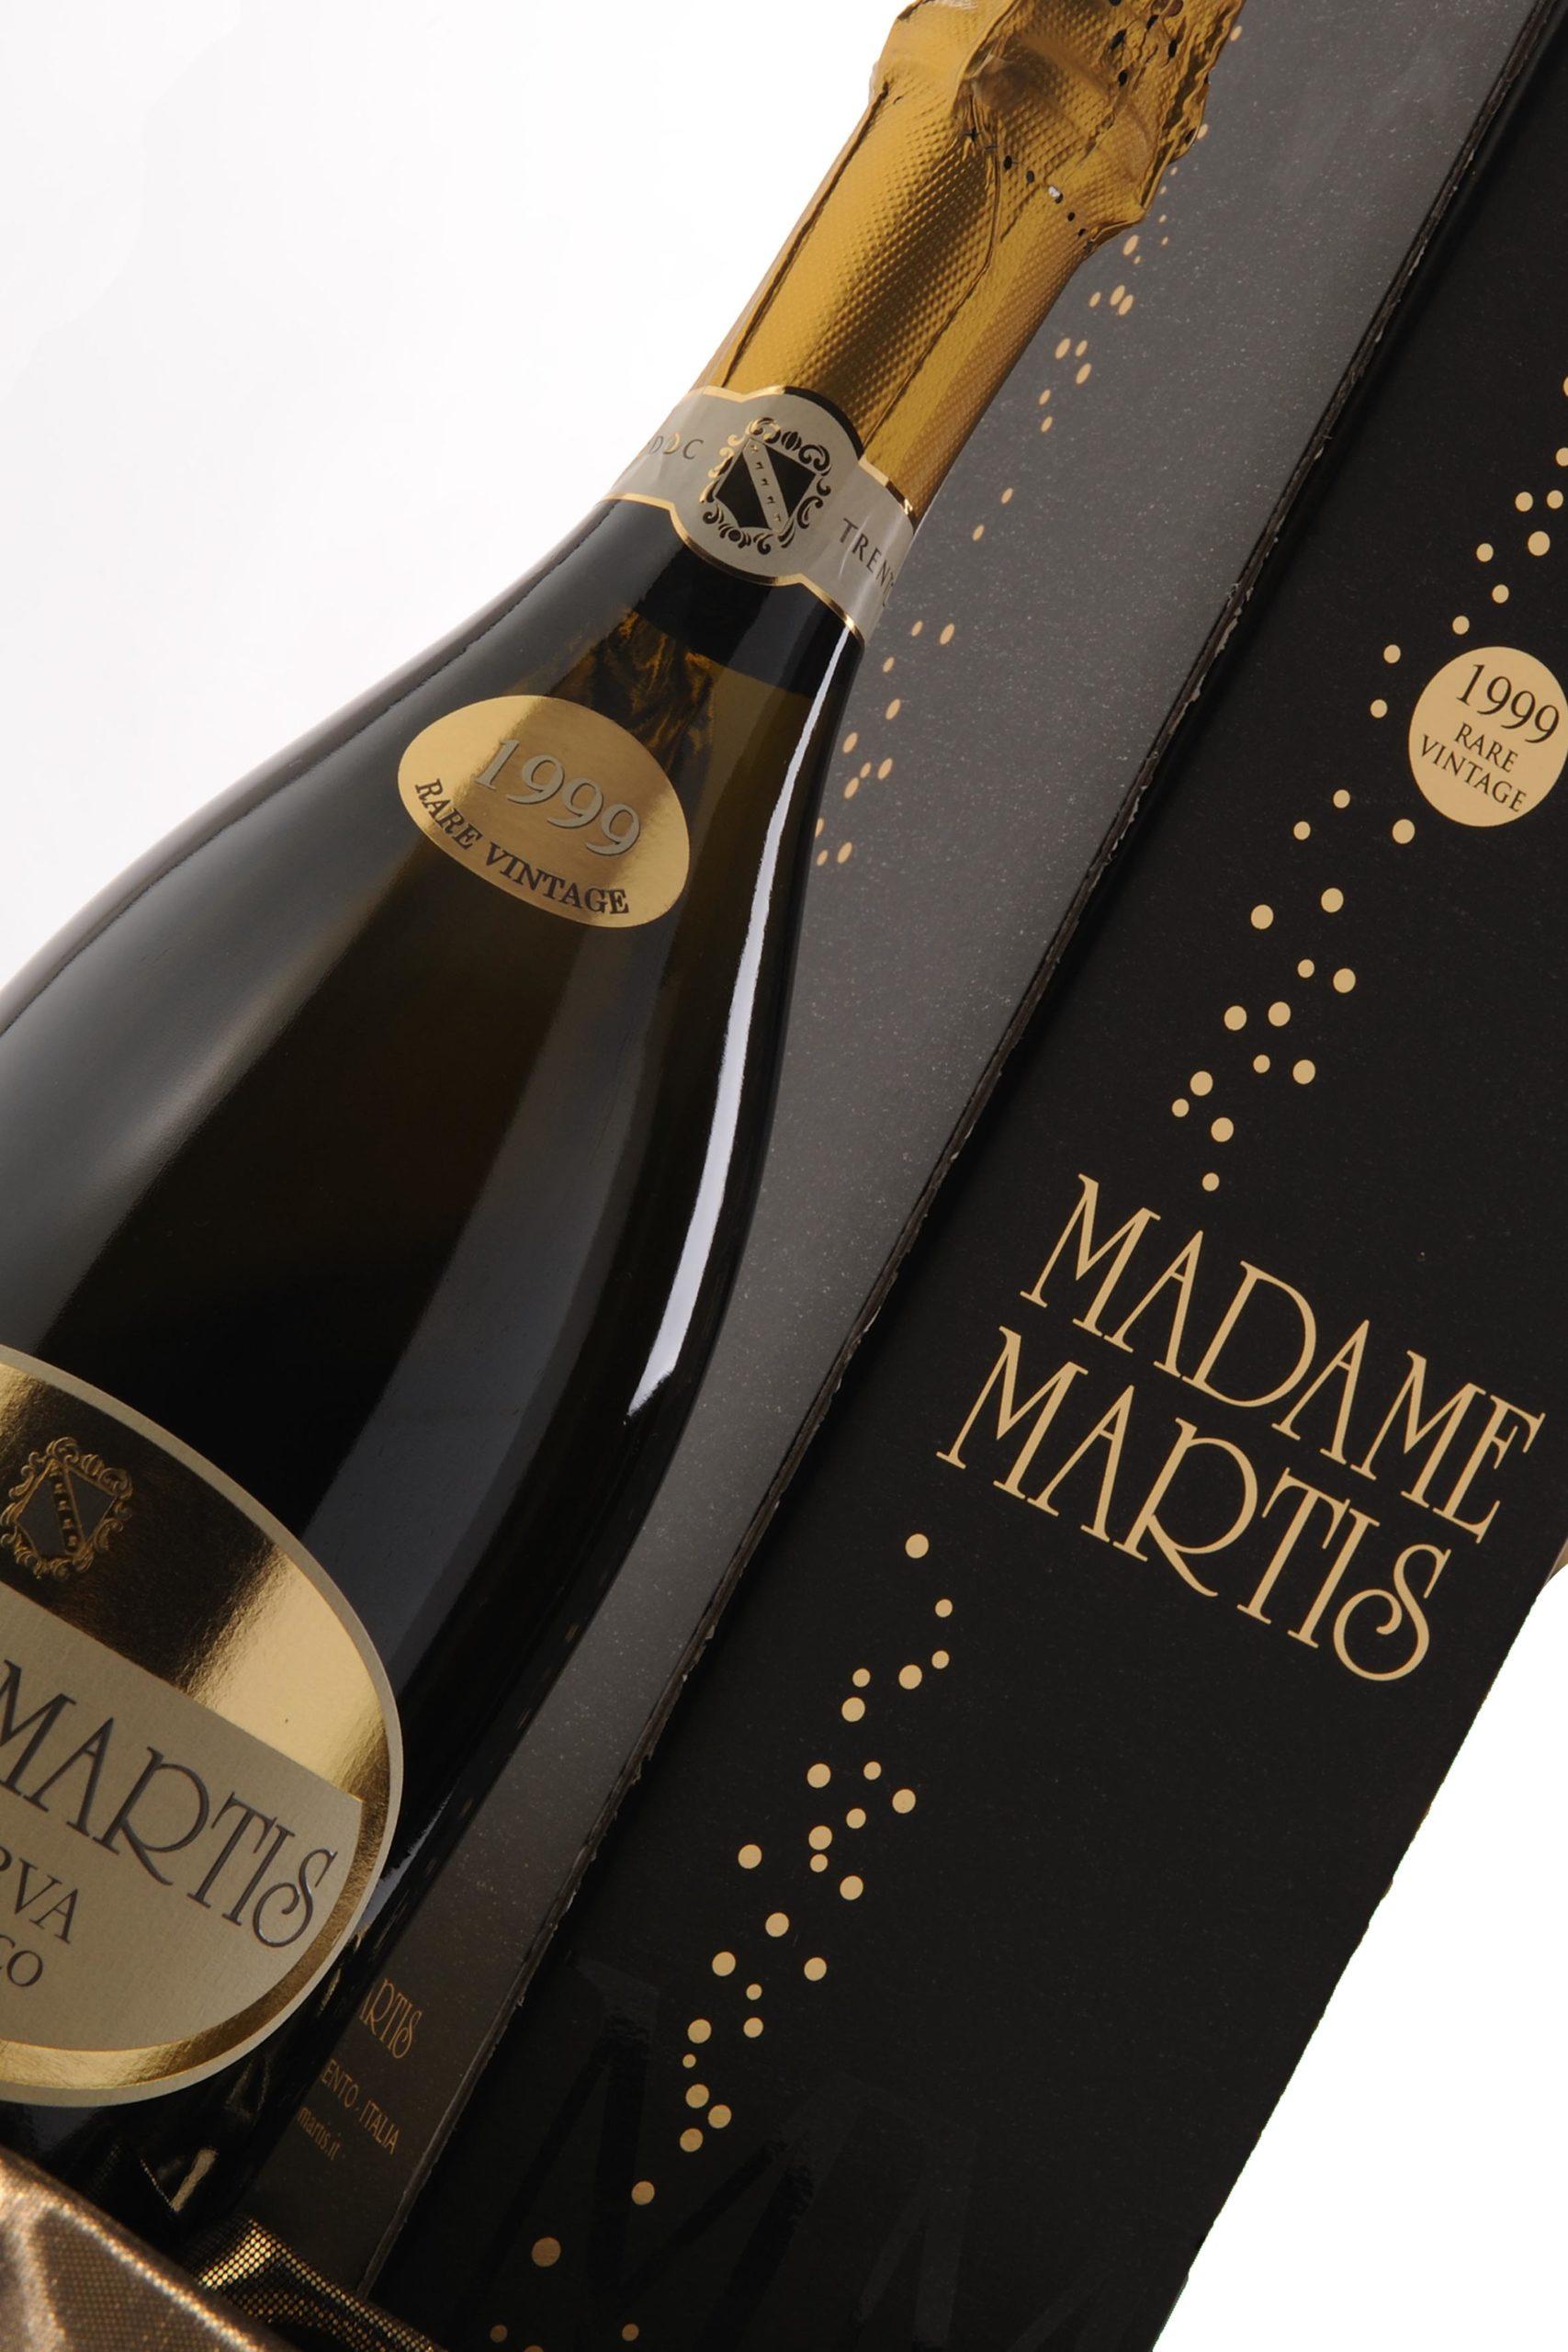 maso martis - madame martis - 1999